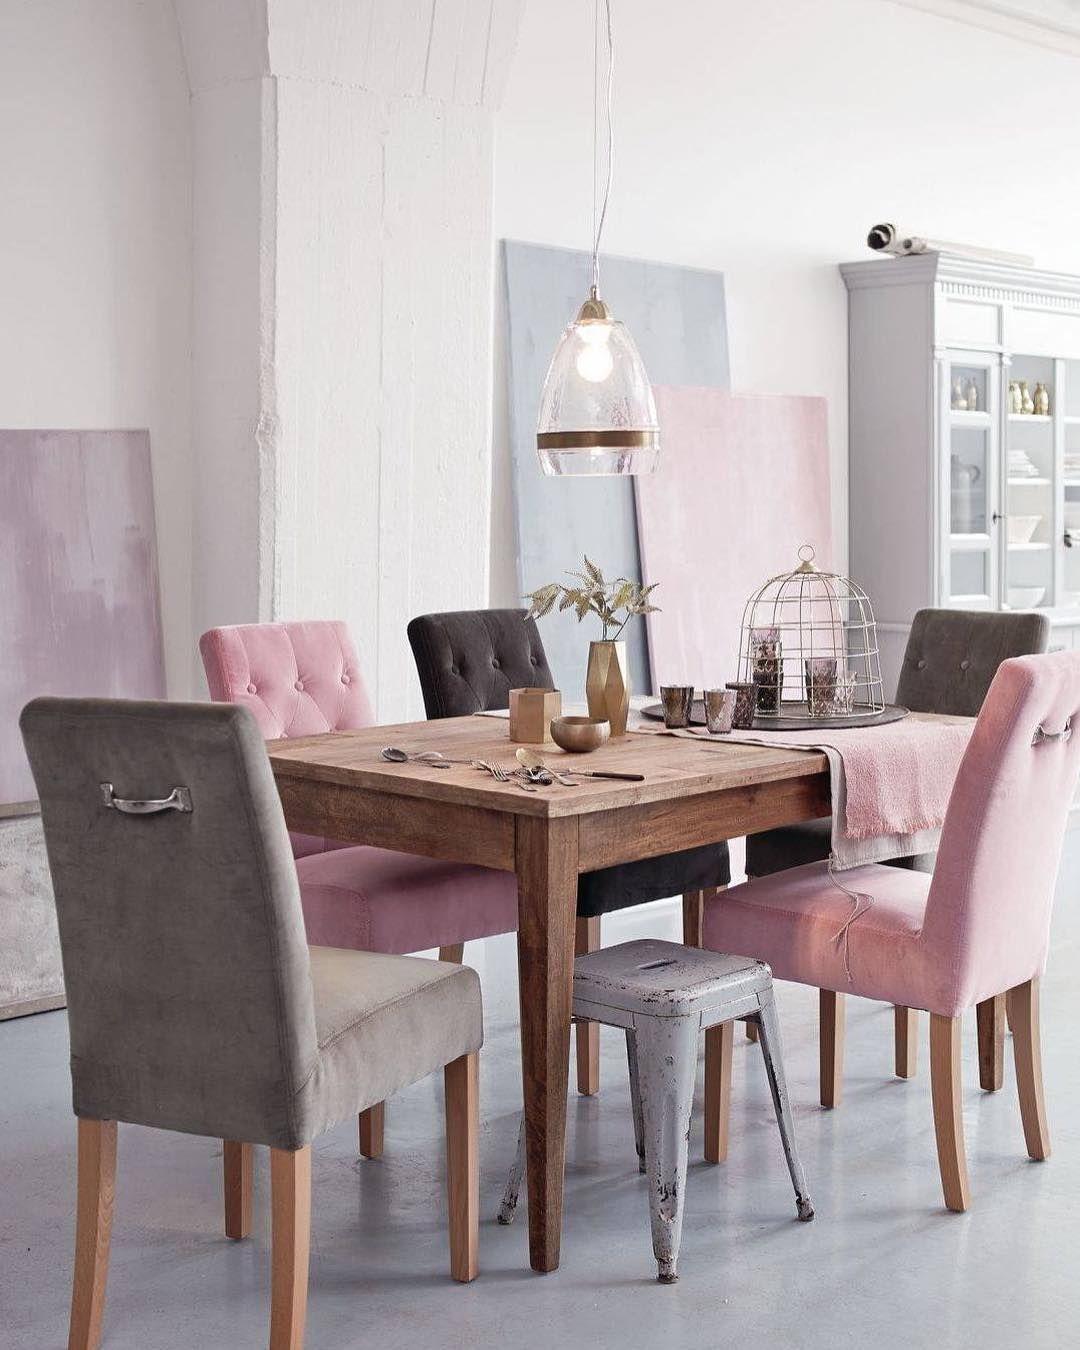 Tolle Küchenstuhl Häuser Auf Long Island Ideen - Küche Set Ideen ...